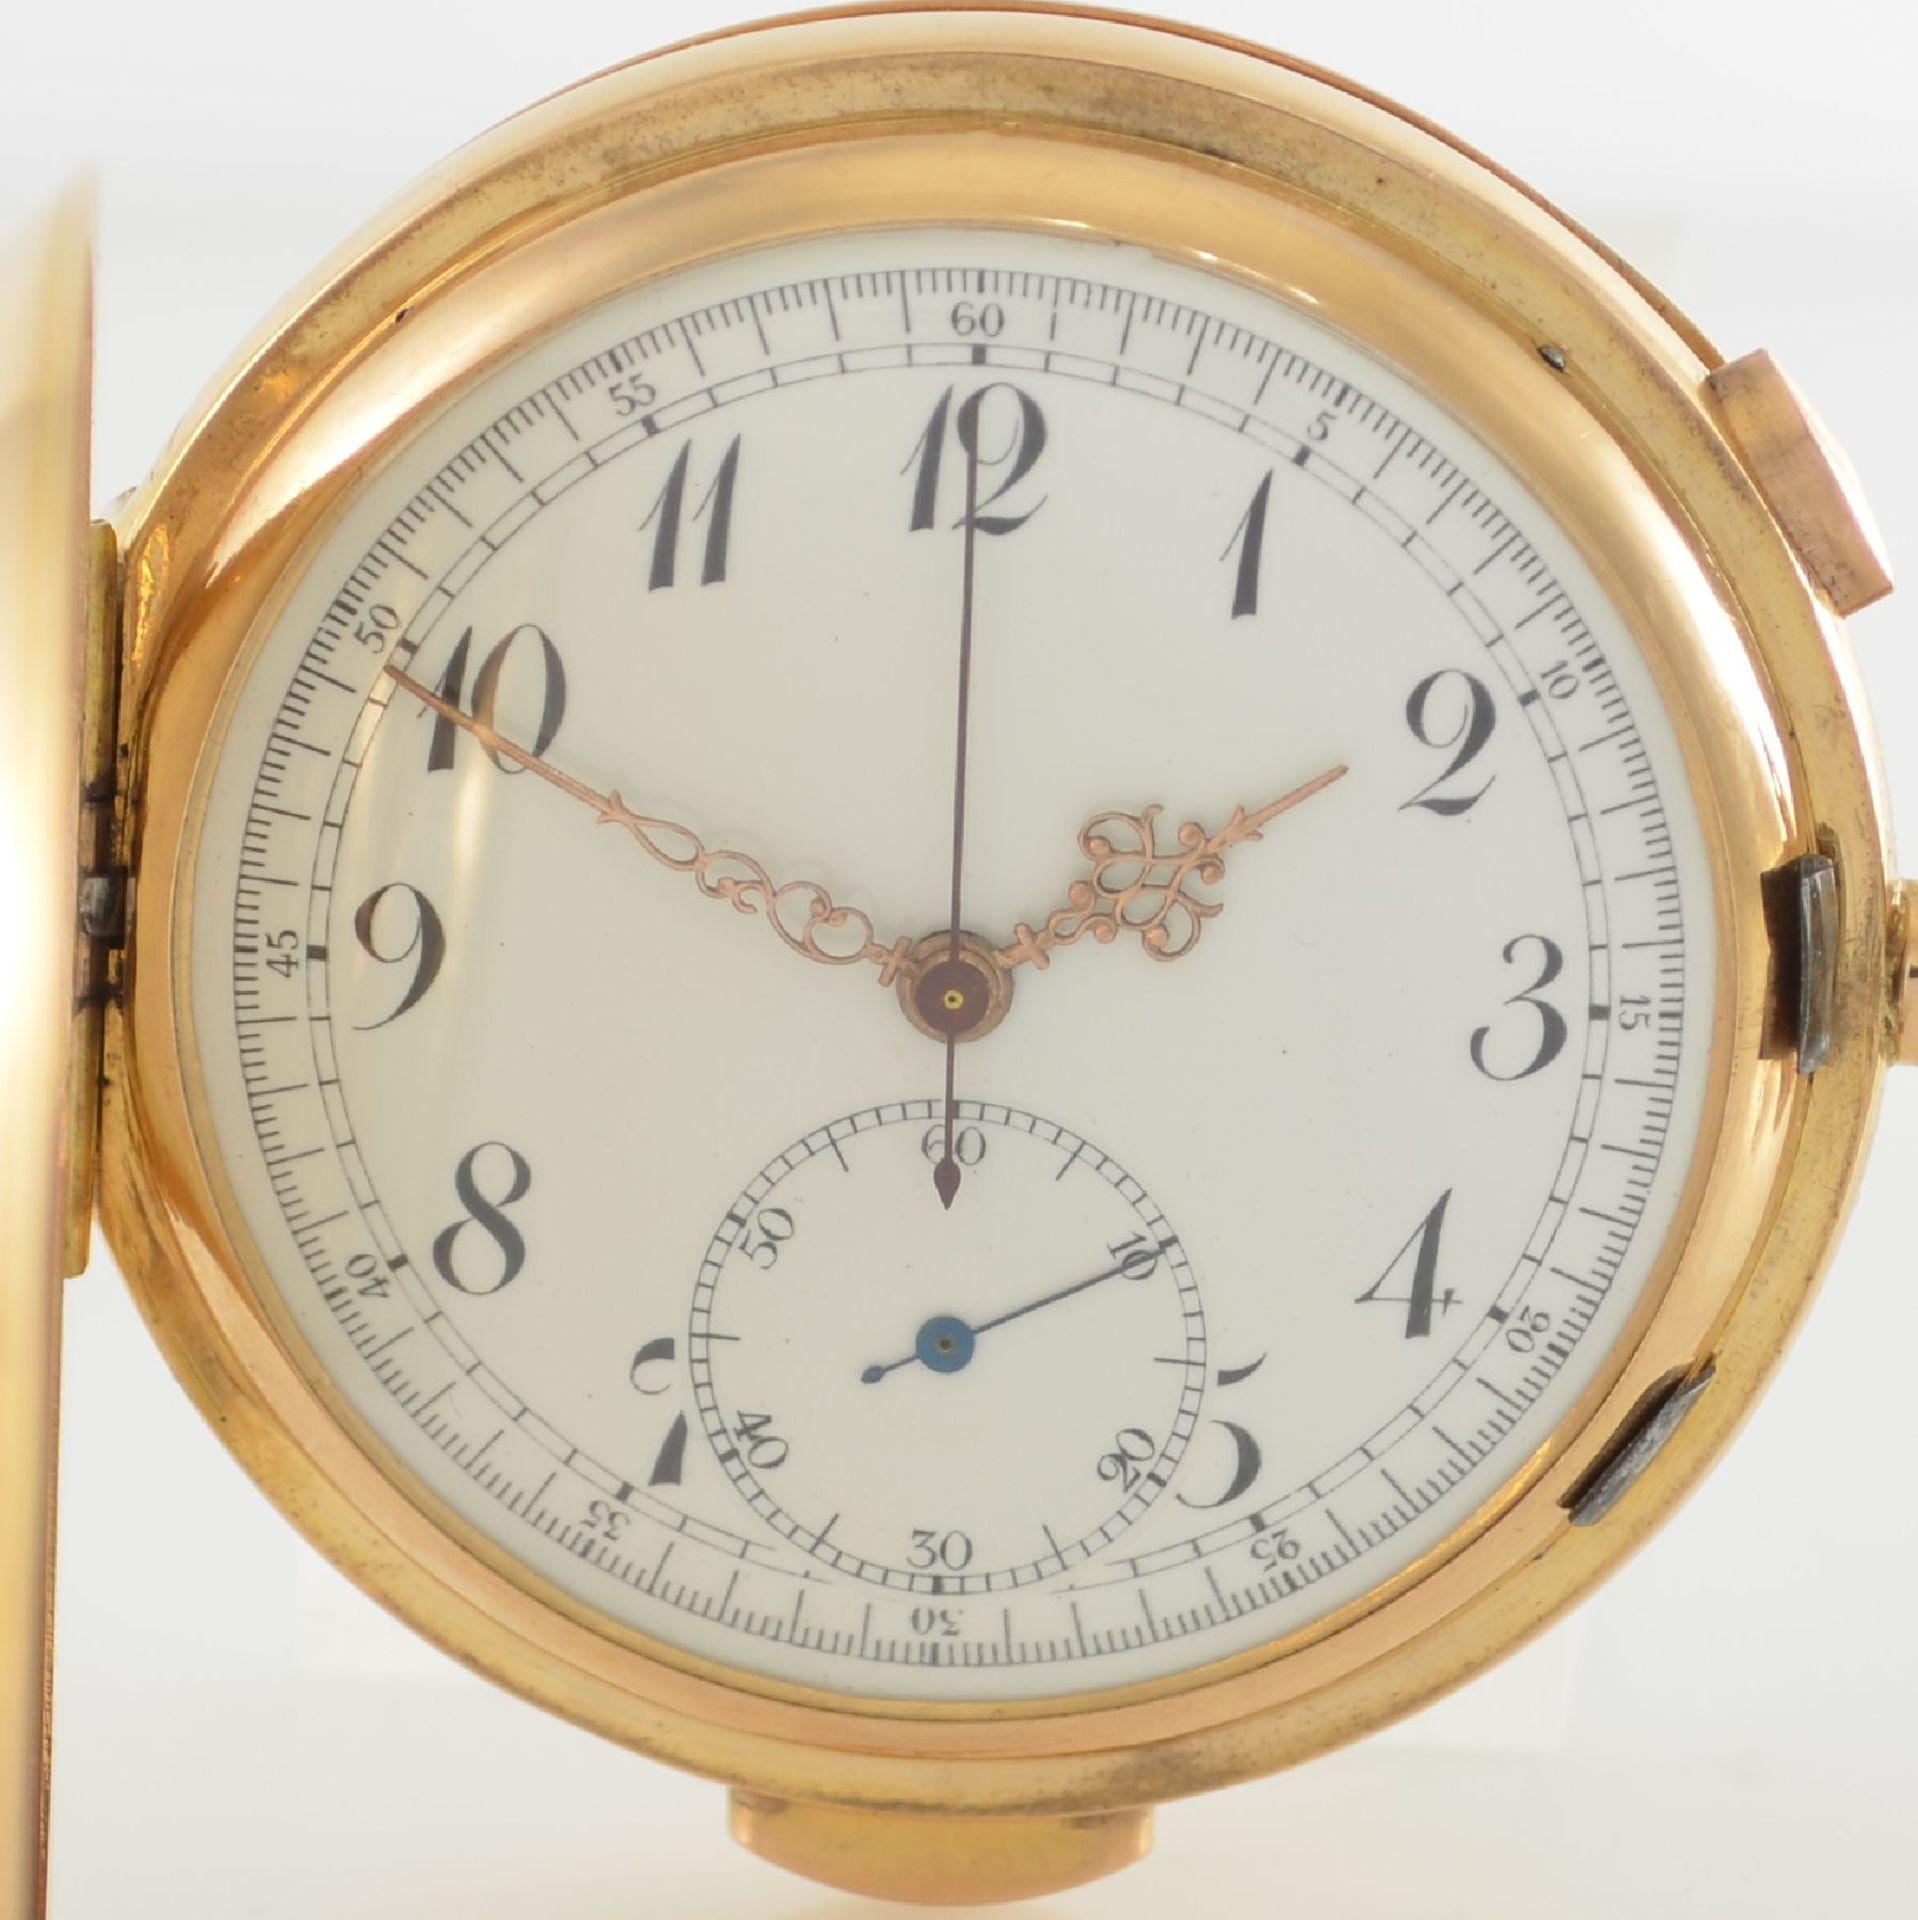 Herrensavonette mit 1/4 Std.-Repetition & Chronograph in RG 750/000, Schweiz um 1910, glattes 3- - Bild 2 aus 6